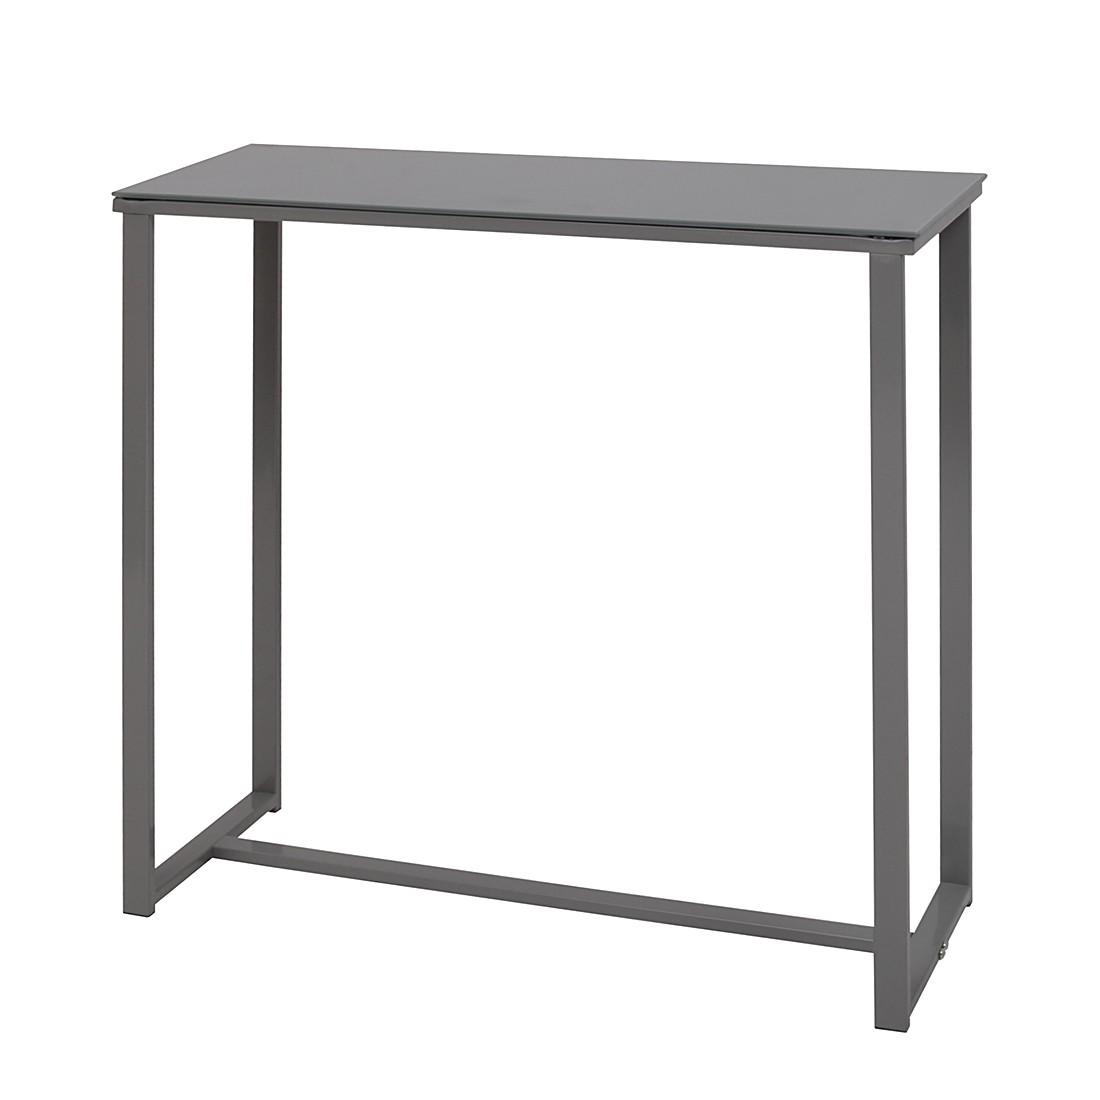 konsolentisch grau. Black Bedroom Furniture Sets. Home Design Ideas